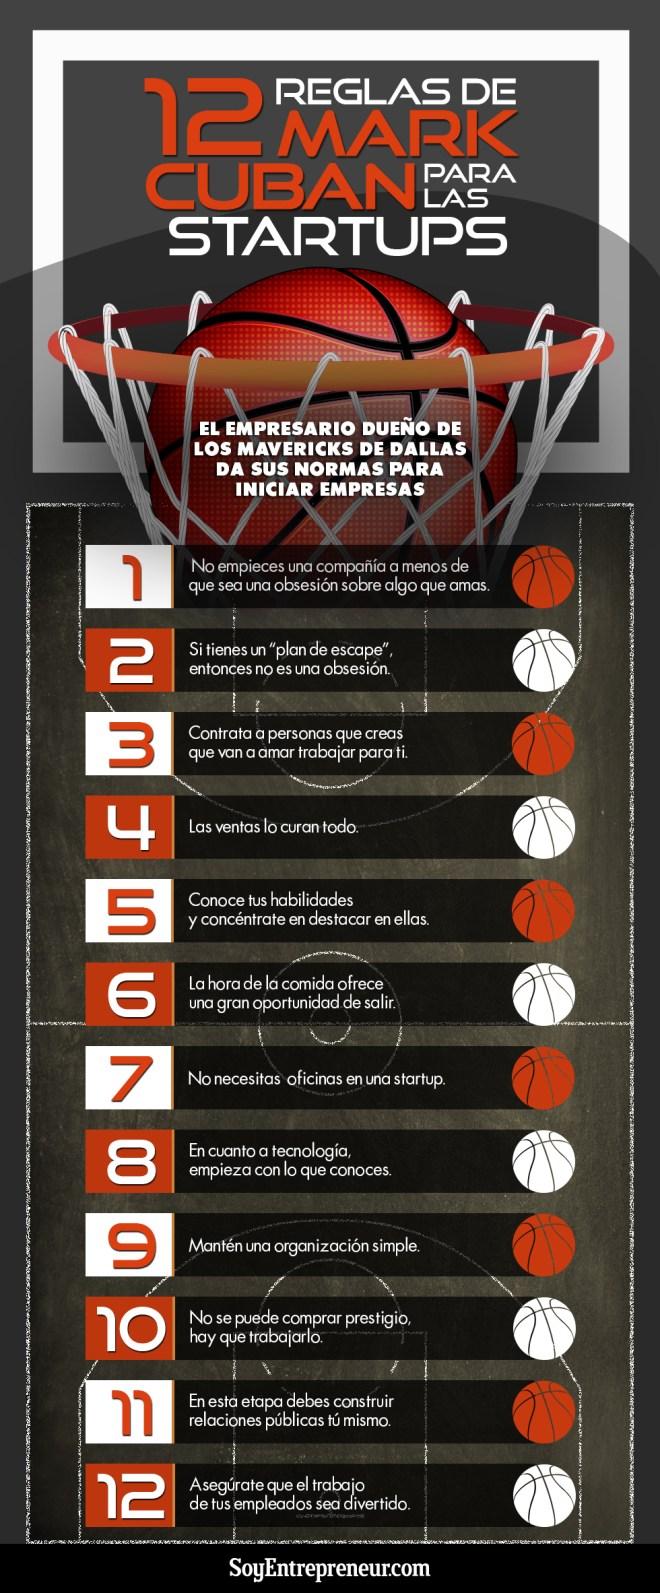 12 reglas para startups de Mark Cuban